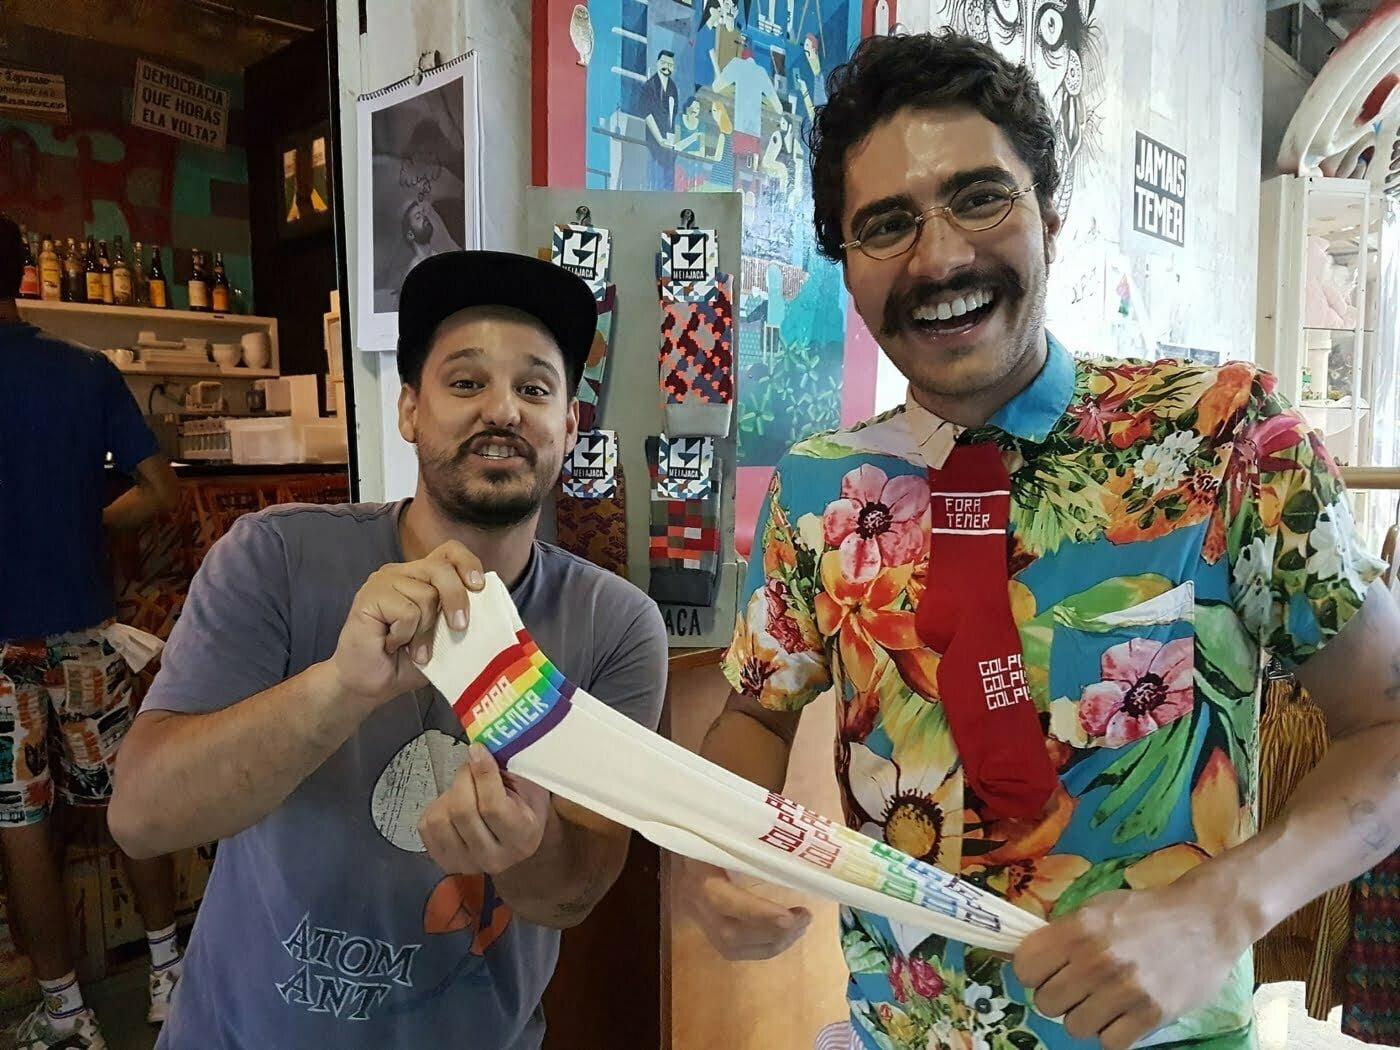 Marcelo Ribeiro e Lucas Hamu: das meias estampadas à coleção Fora Temer, que alavancou a Meia Jaca (Foto: Luís Tajes).